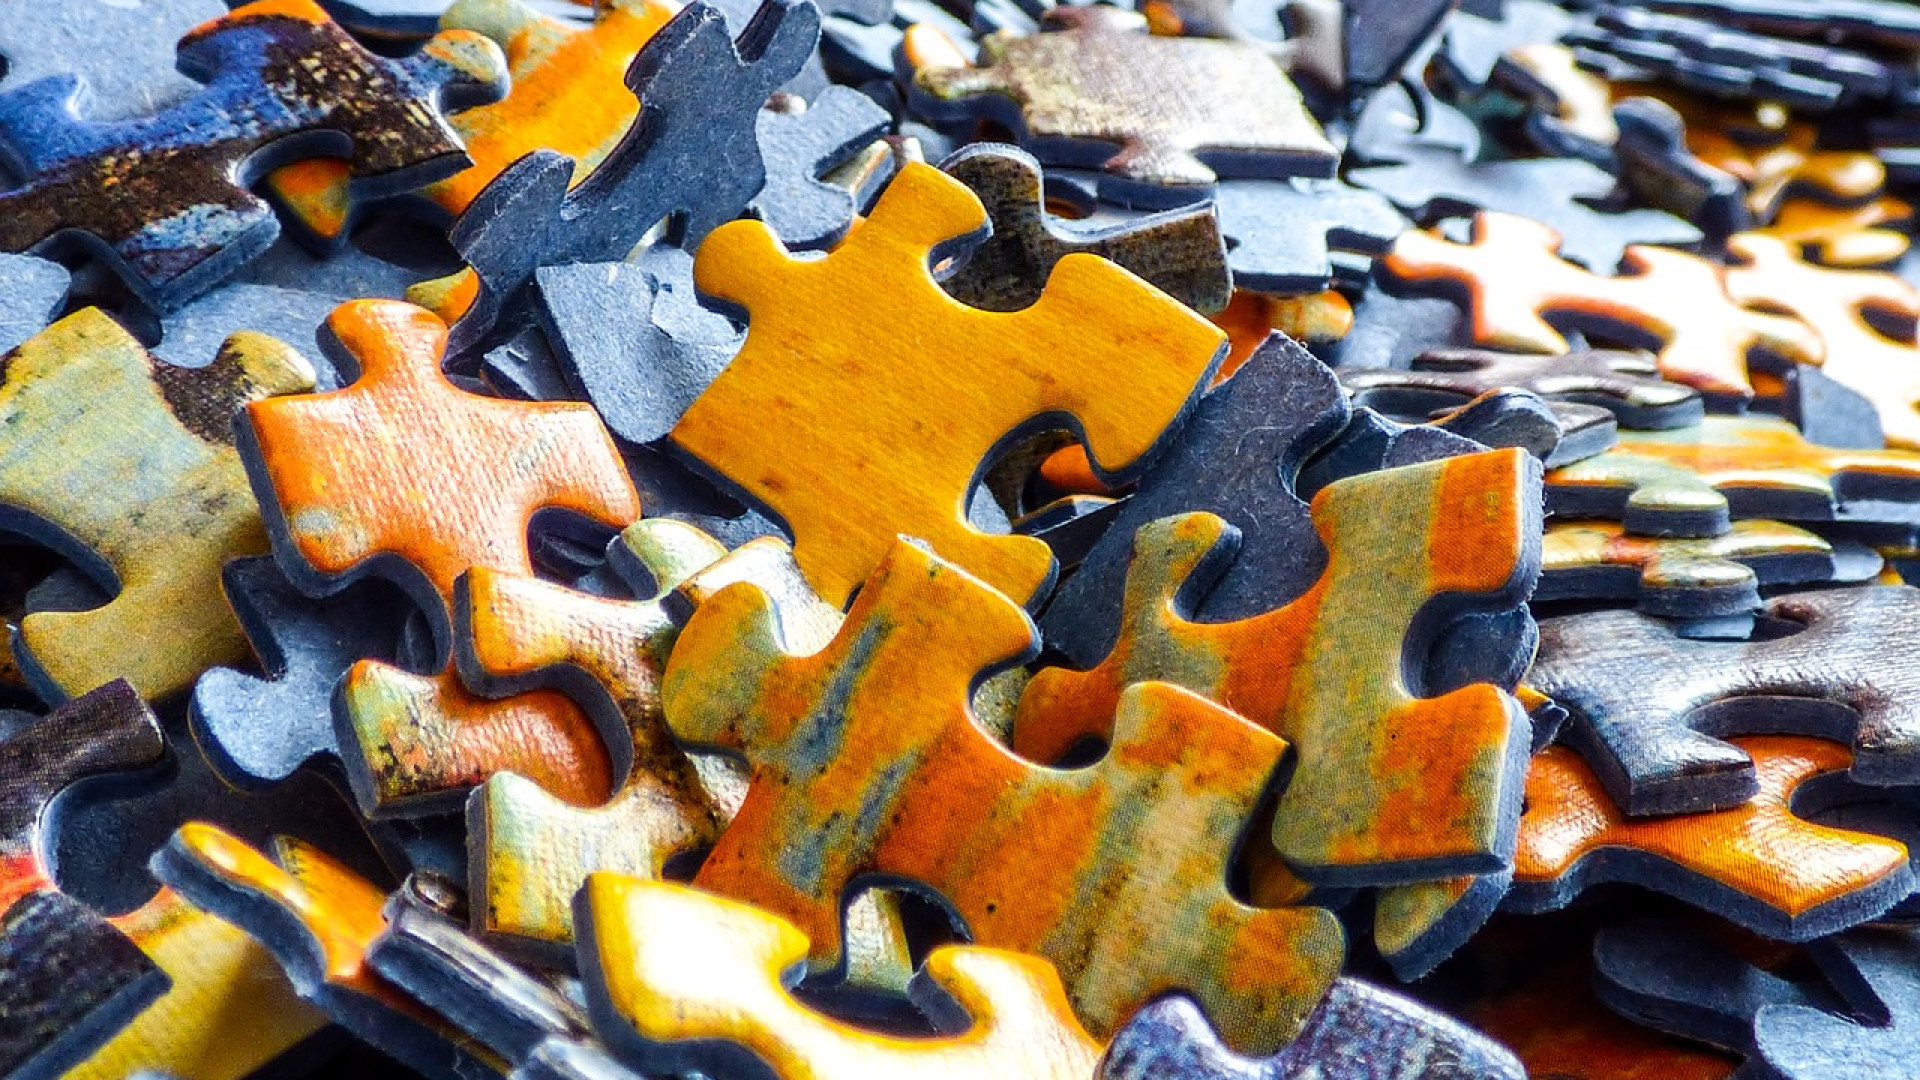 Jeu De Puzzle : Quelle Importance Pour Vos Enfants ? à Jeux Intelligents Pour Enfants